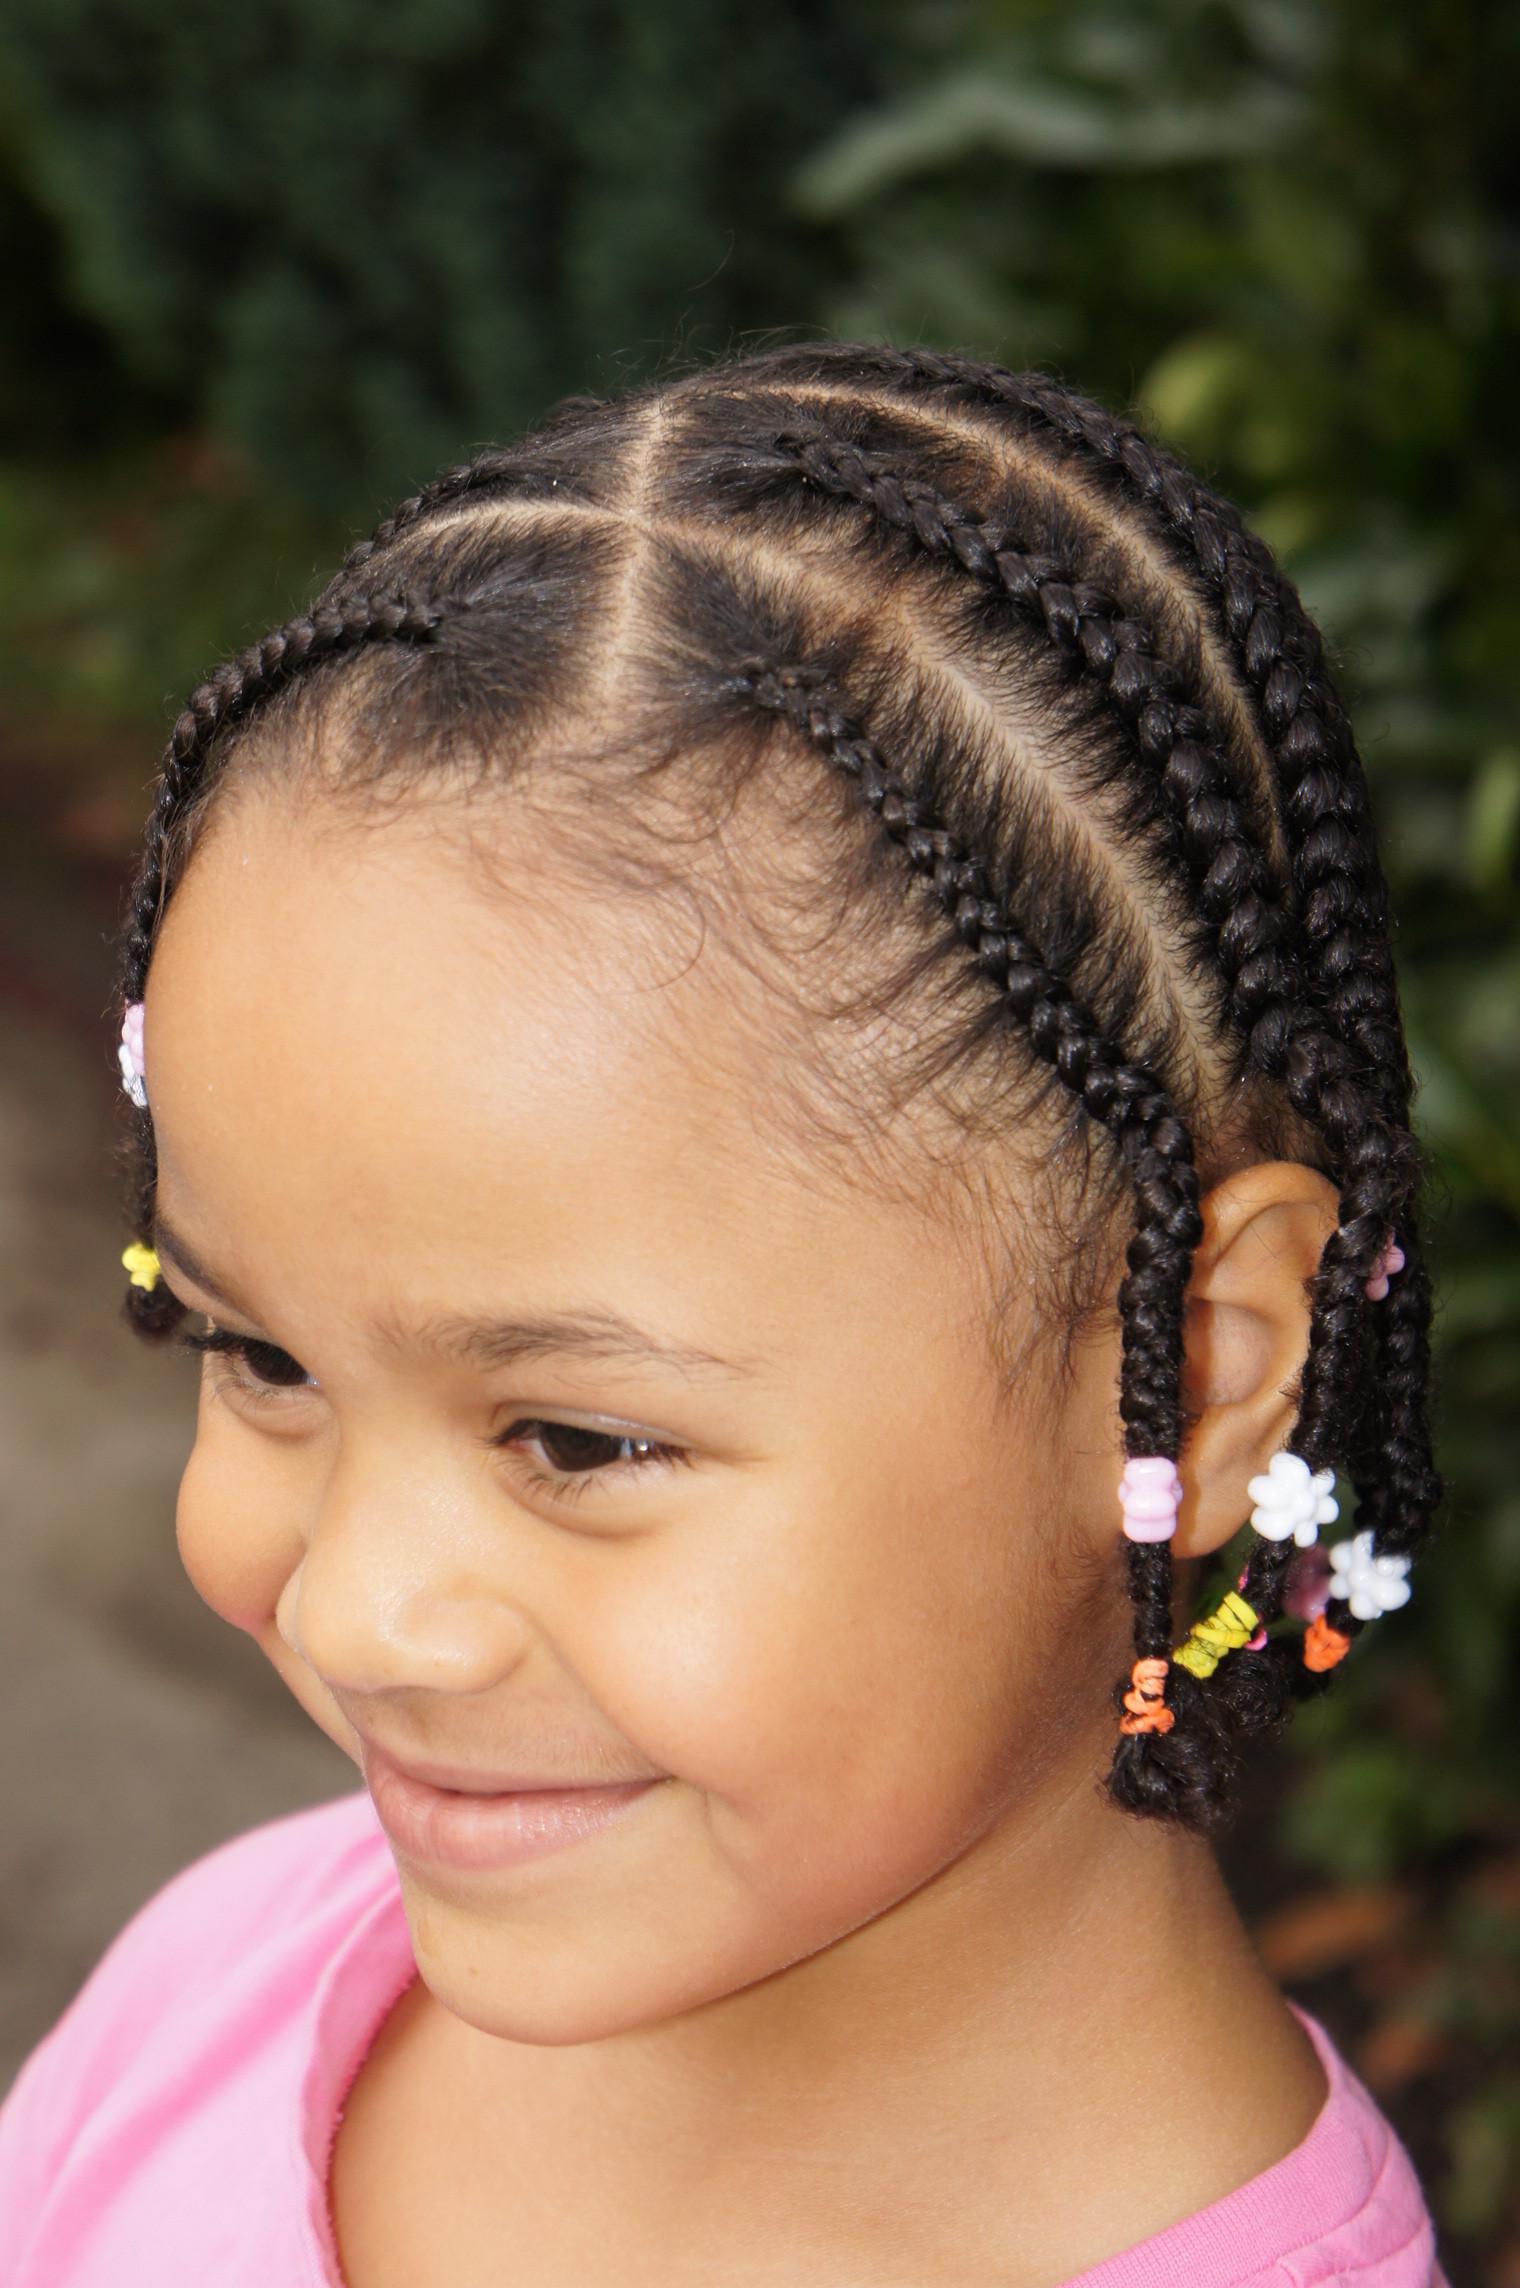 Afrikanische Frisuren  Frisuren fur afrikanische madchen – Stilvolle frisur